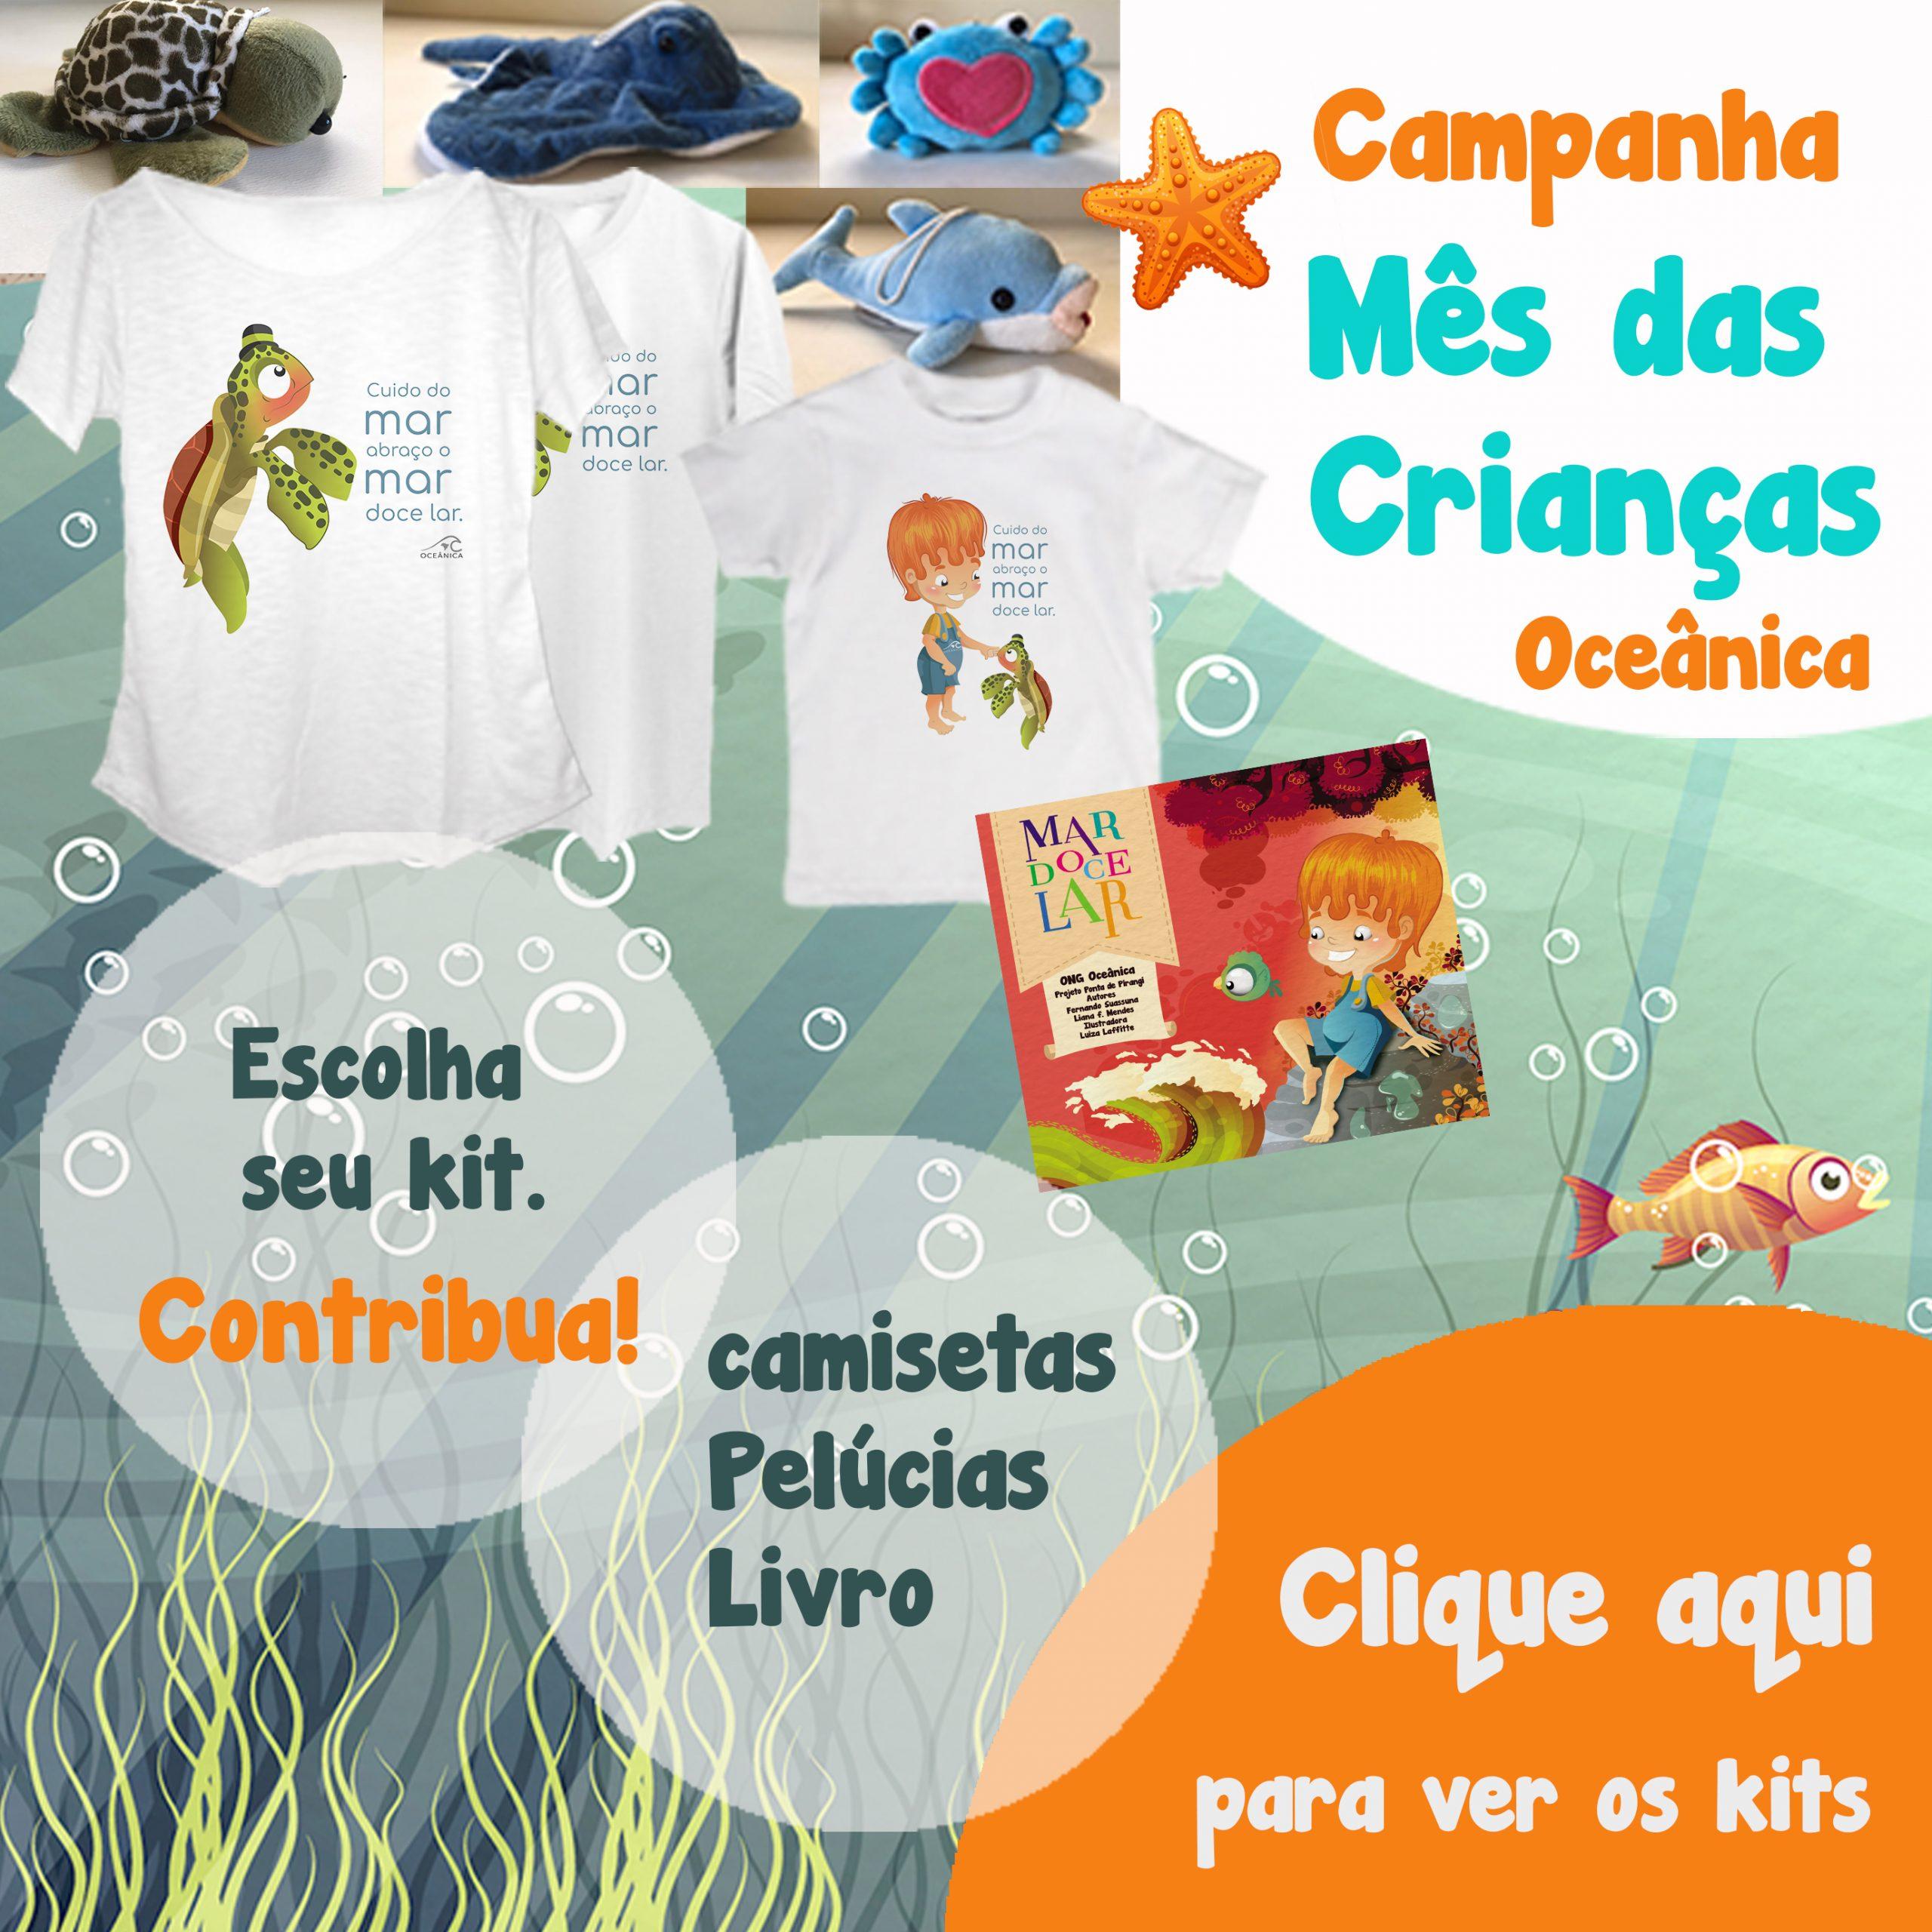 Oceânica campanha mês das crianças